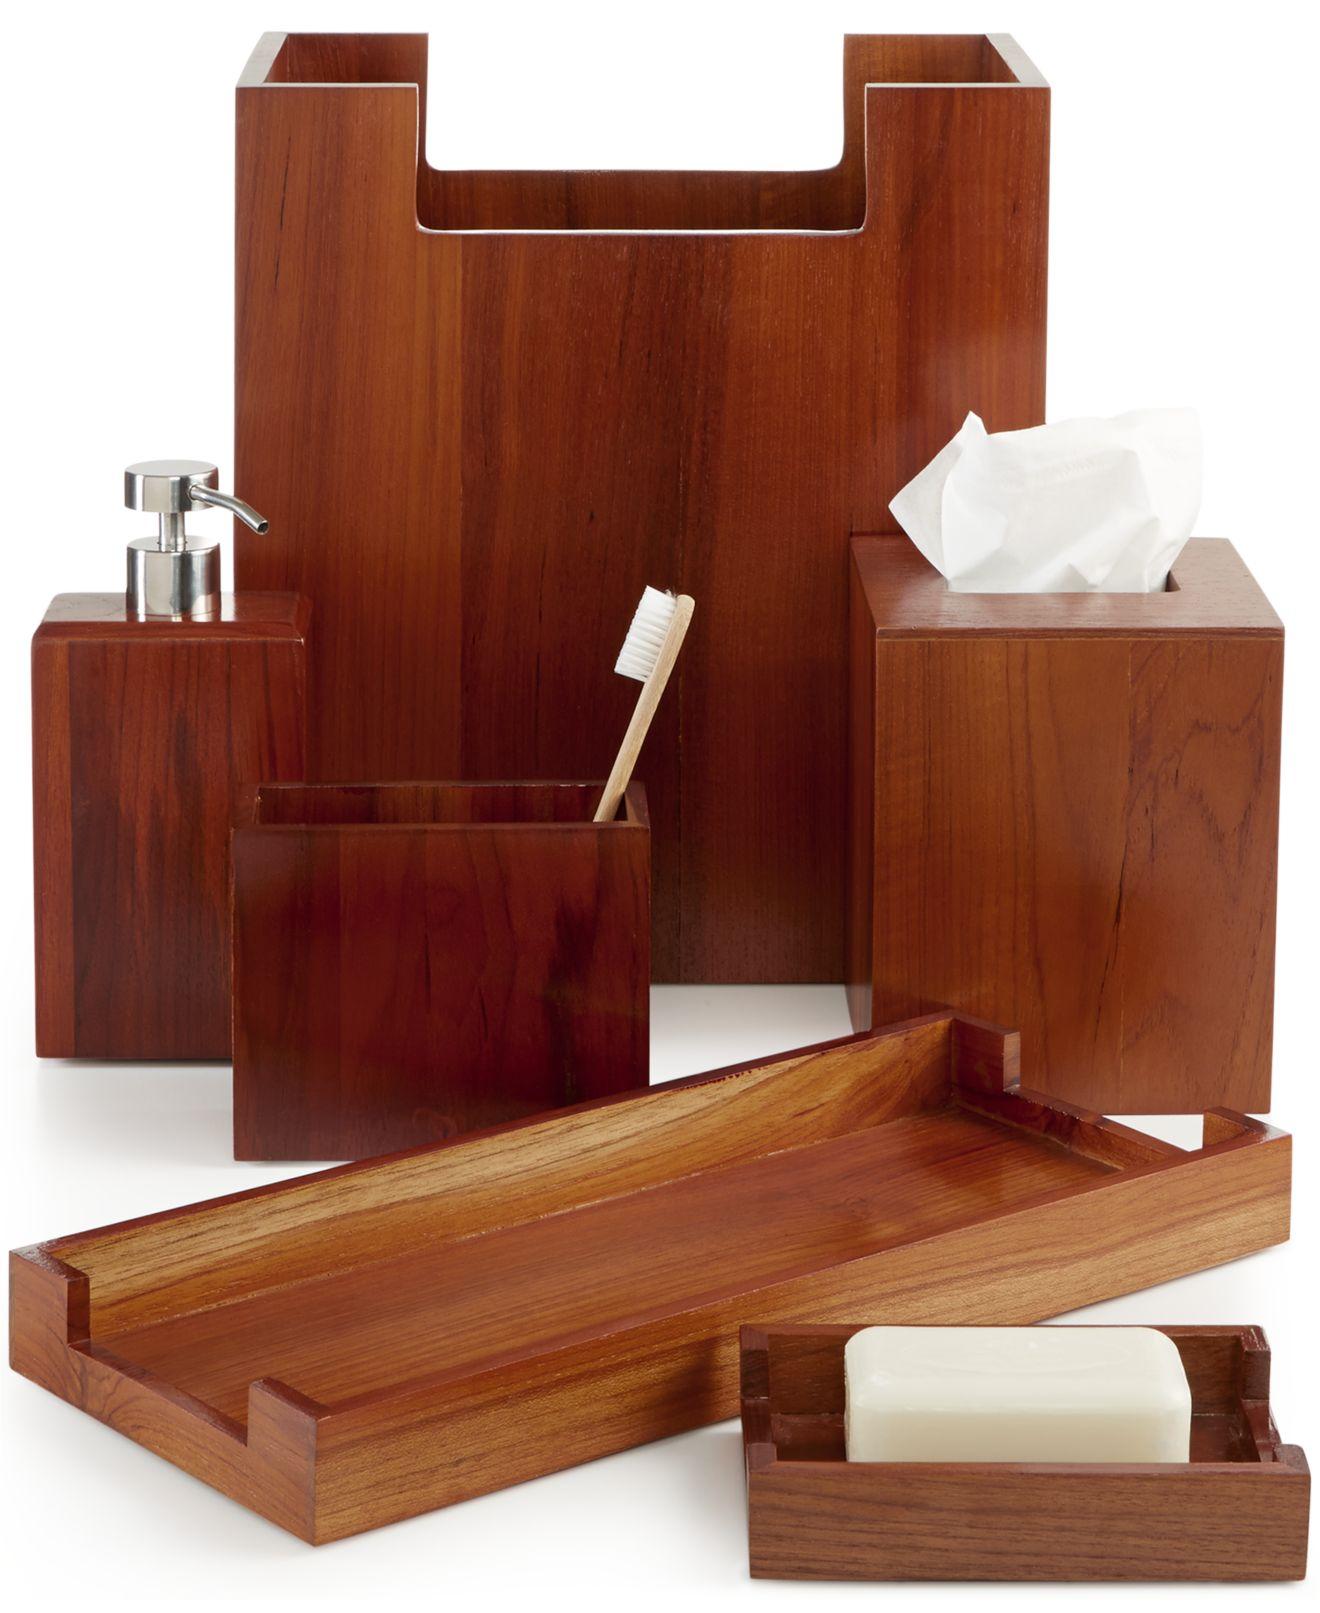 Bathroom Accessories S bathroom accessories wood - healthydetroiter